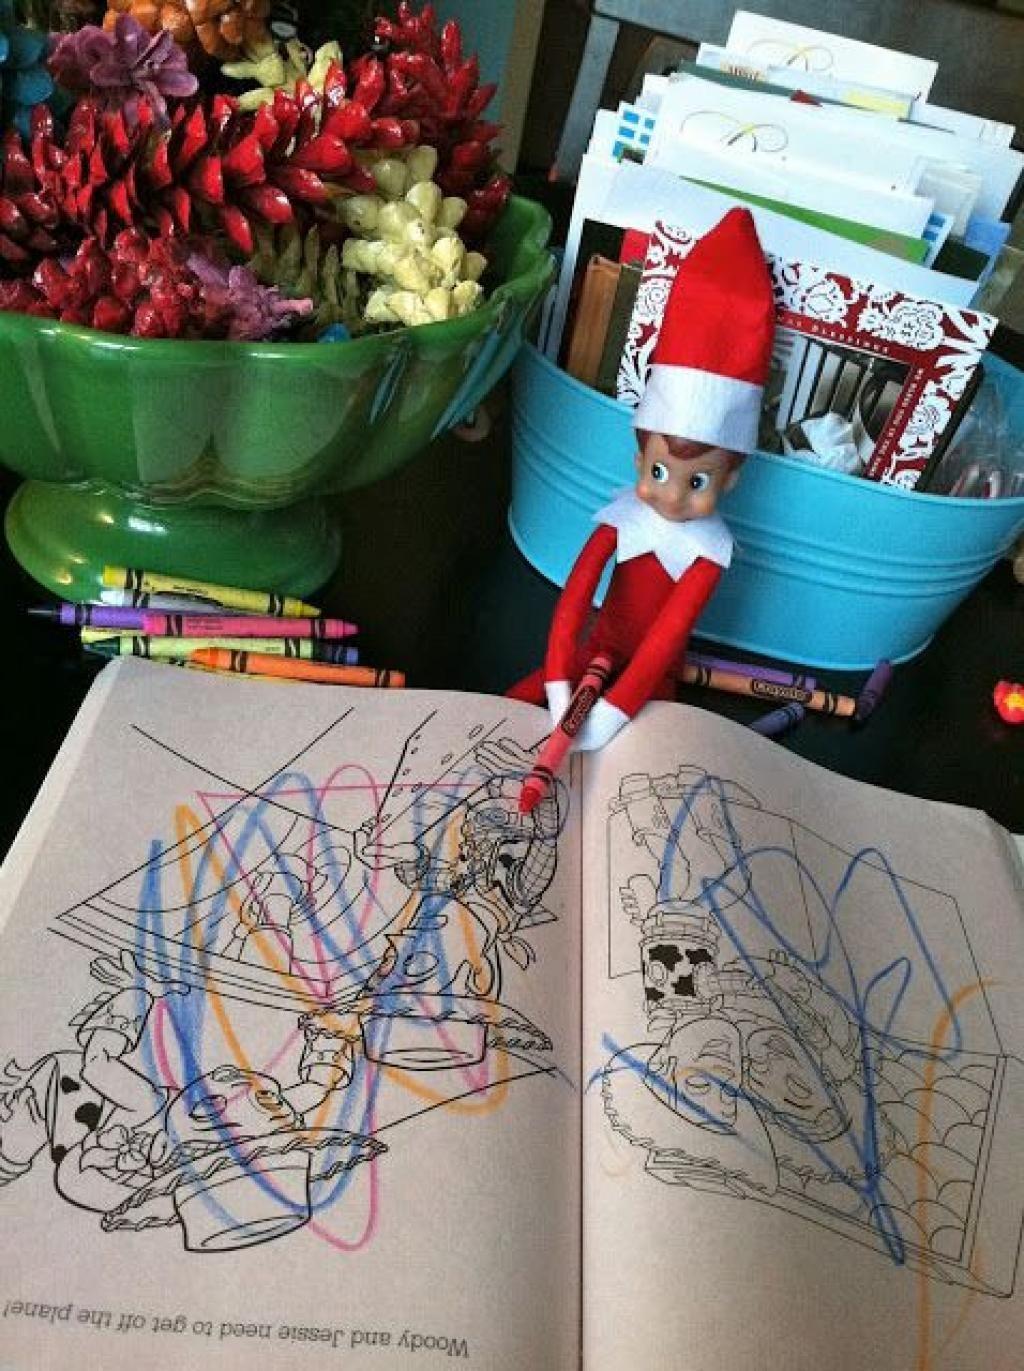 Voici les 25 meilleures idées de tours à faire faire aux lutins de vos enfants en décembre! #lutindenoel